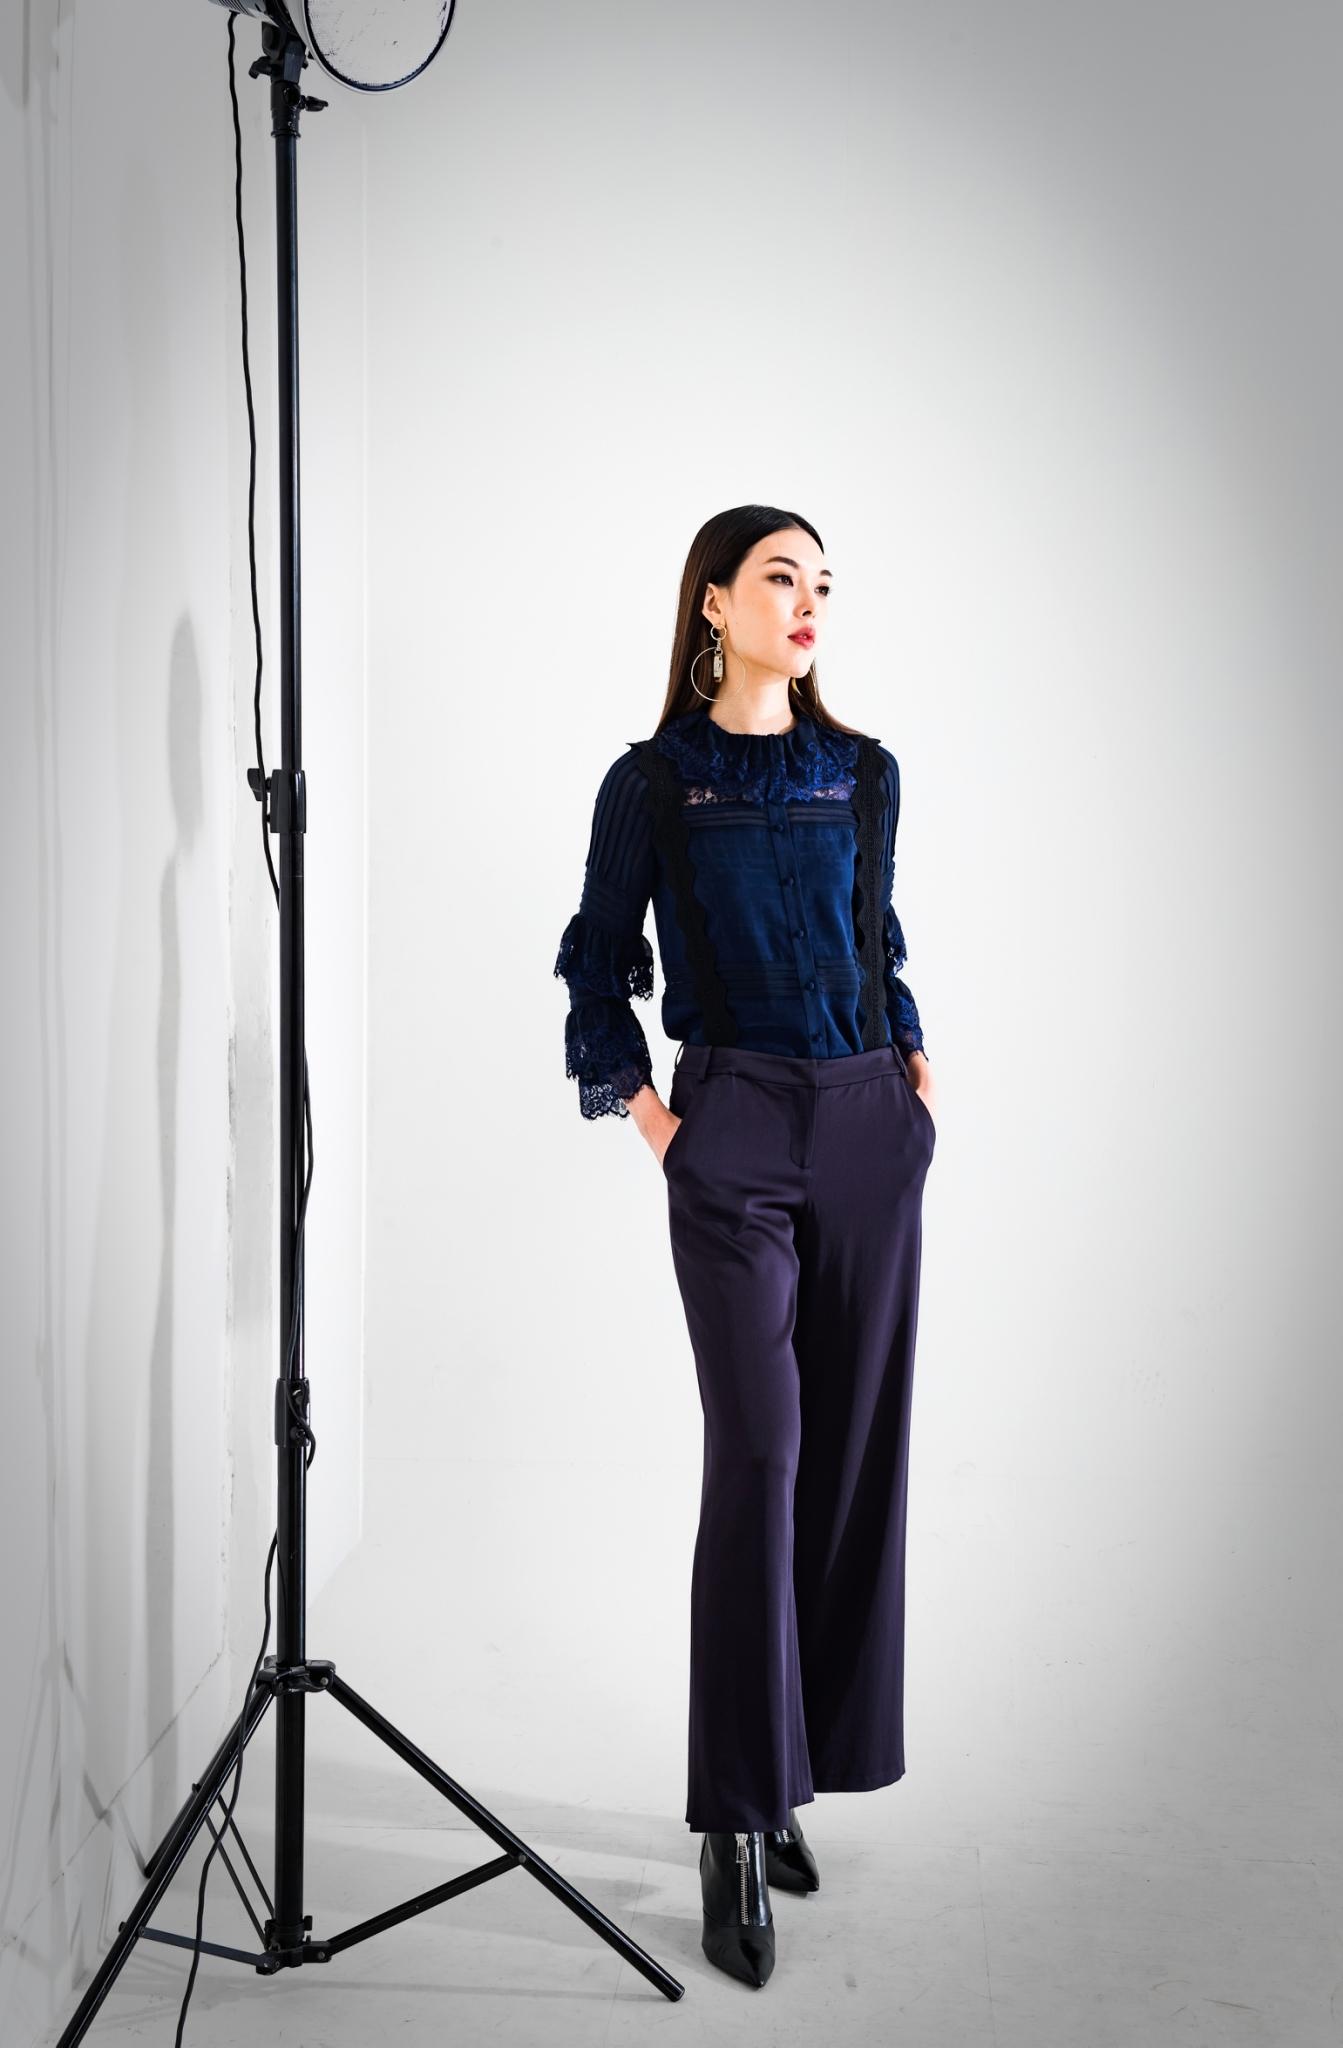 蕾絲造型襯衫 / 側開叉寬褲